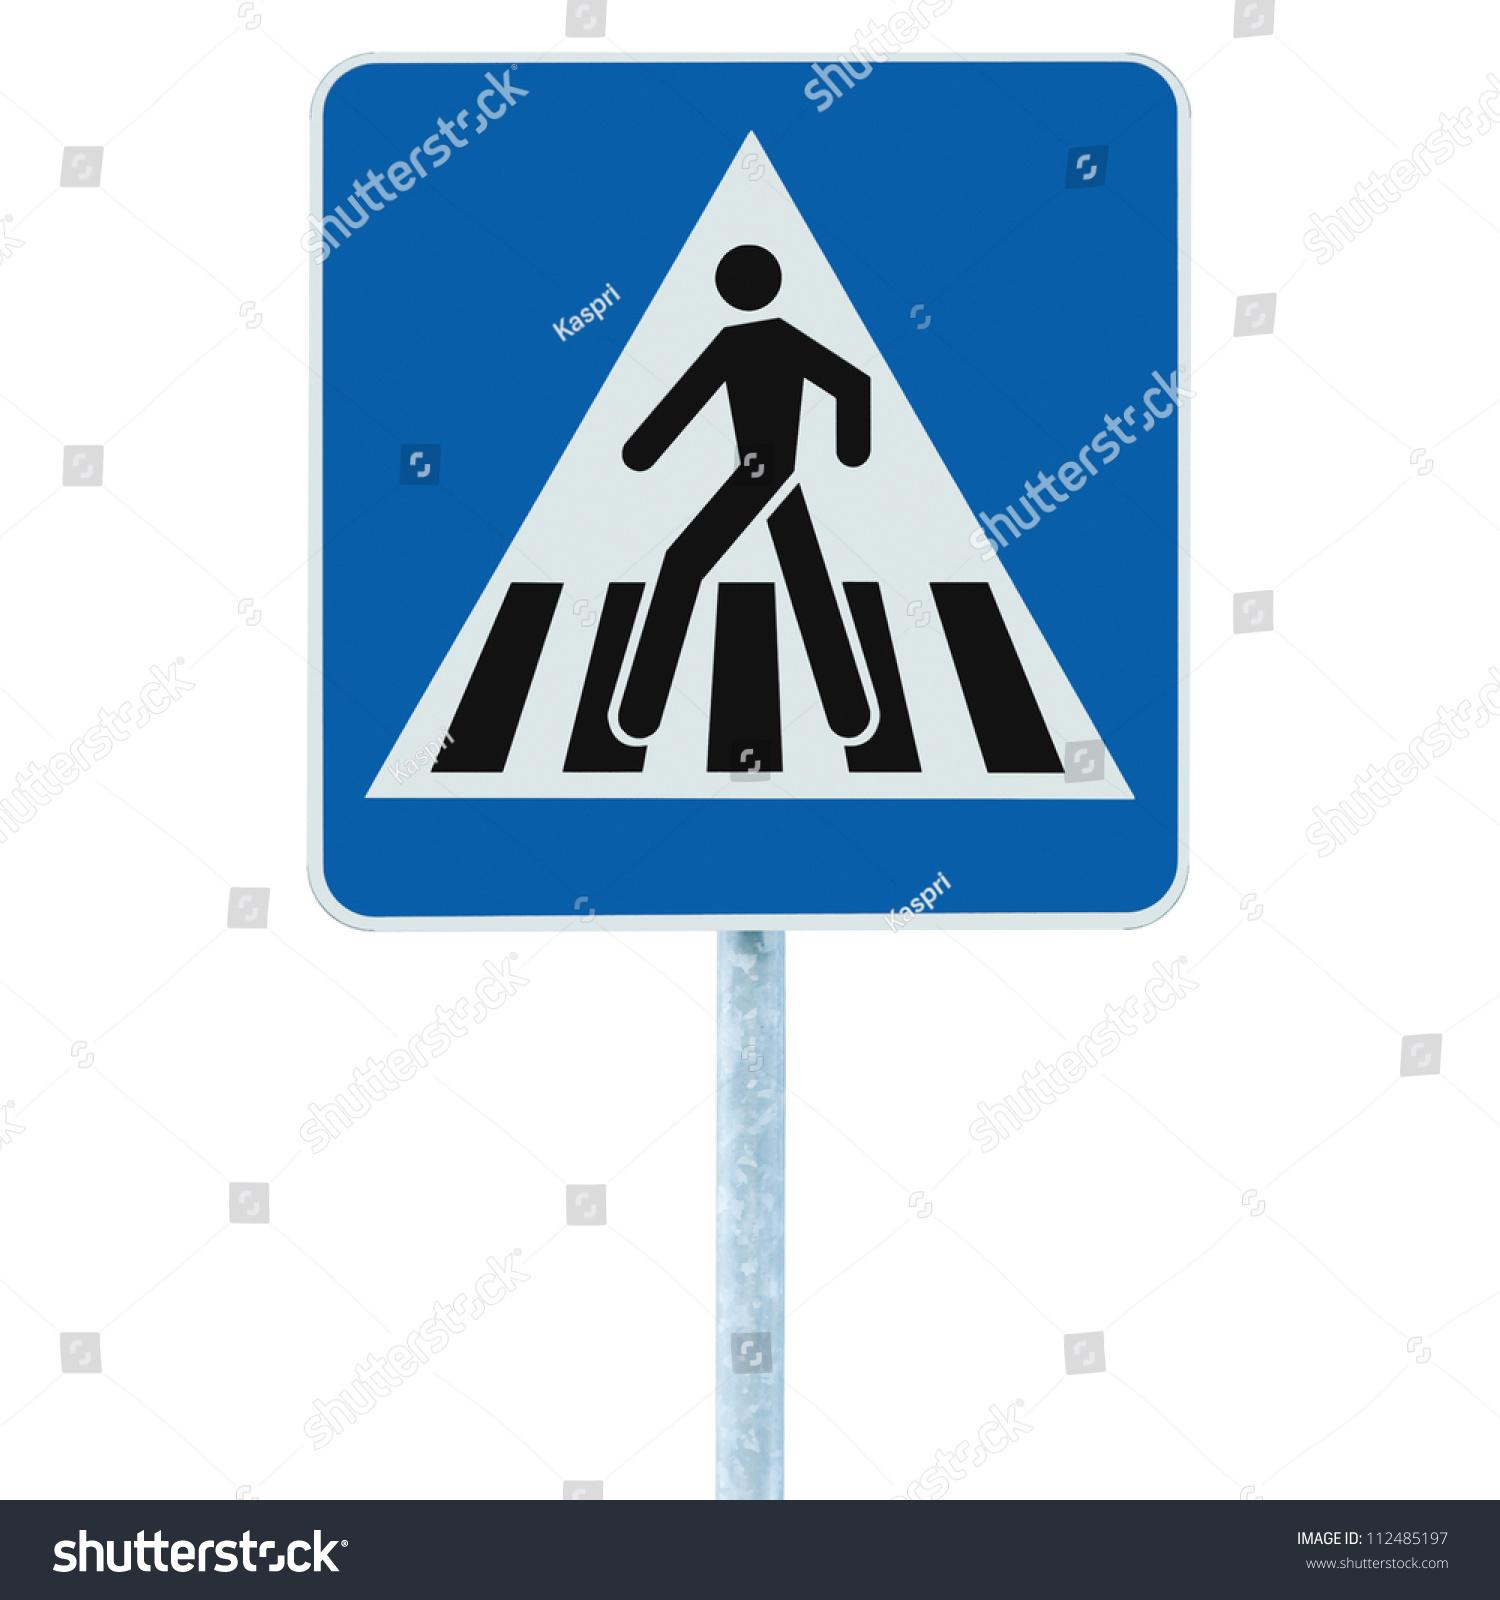 斑马线,行人交叉警告交通标志在蓝色和杆柱,孤立的招牌